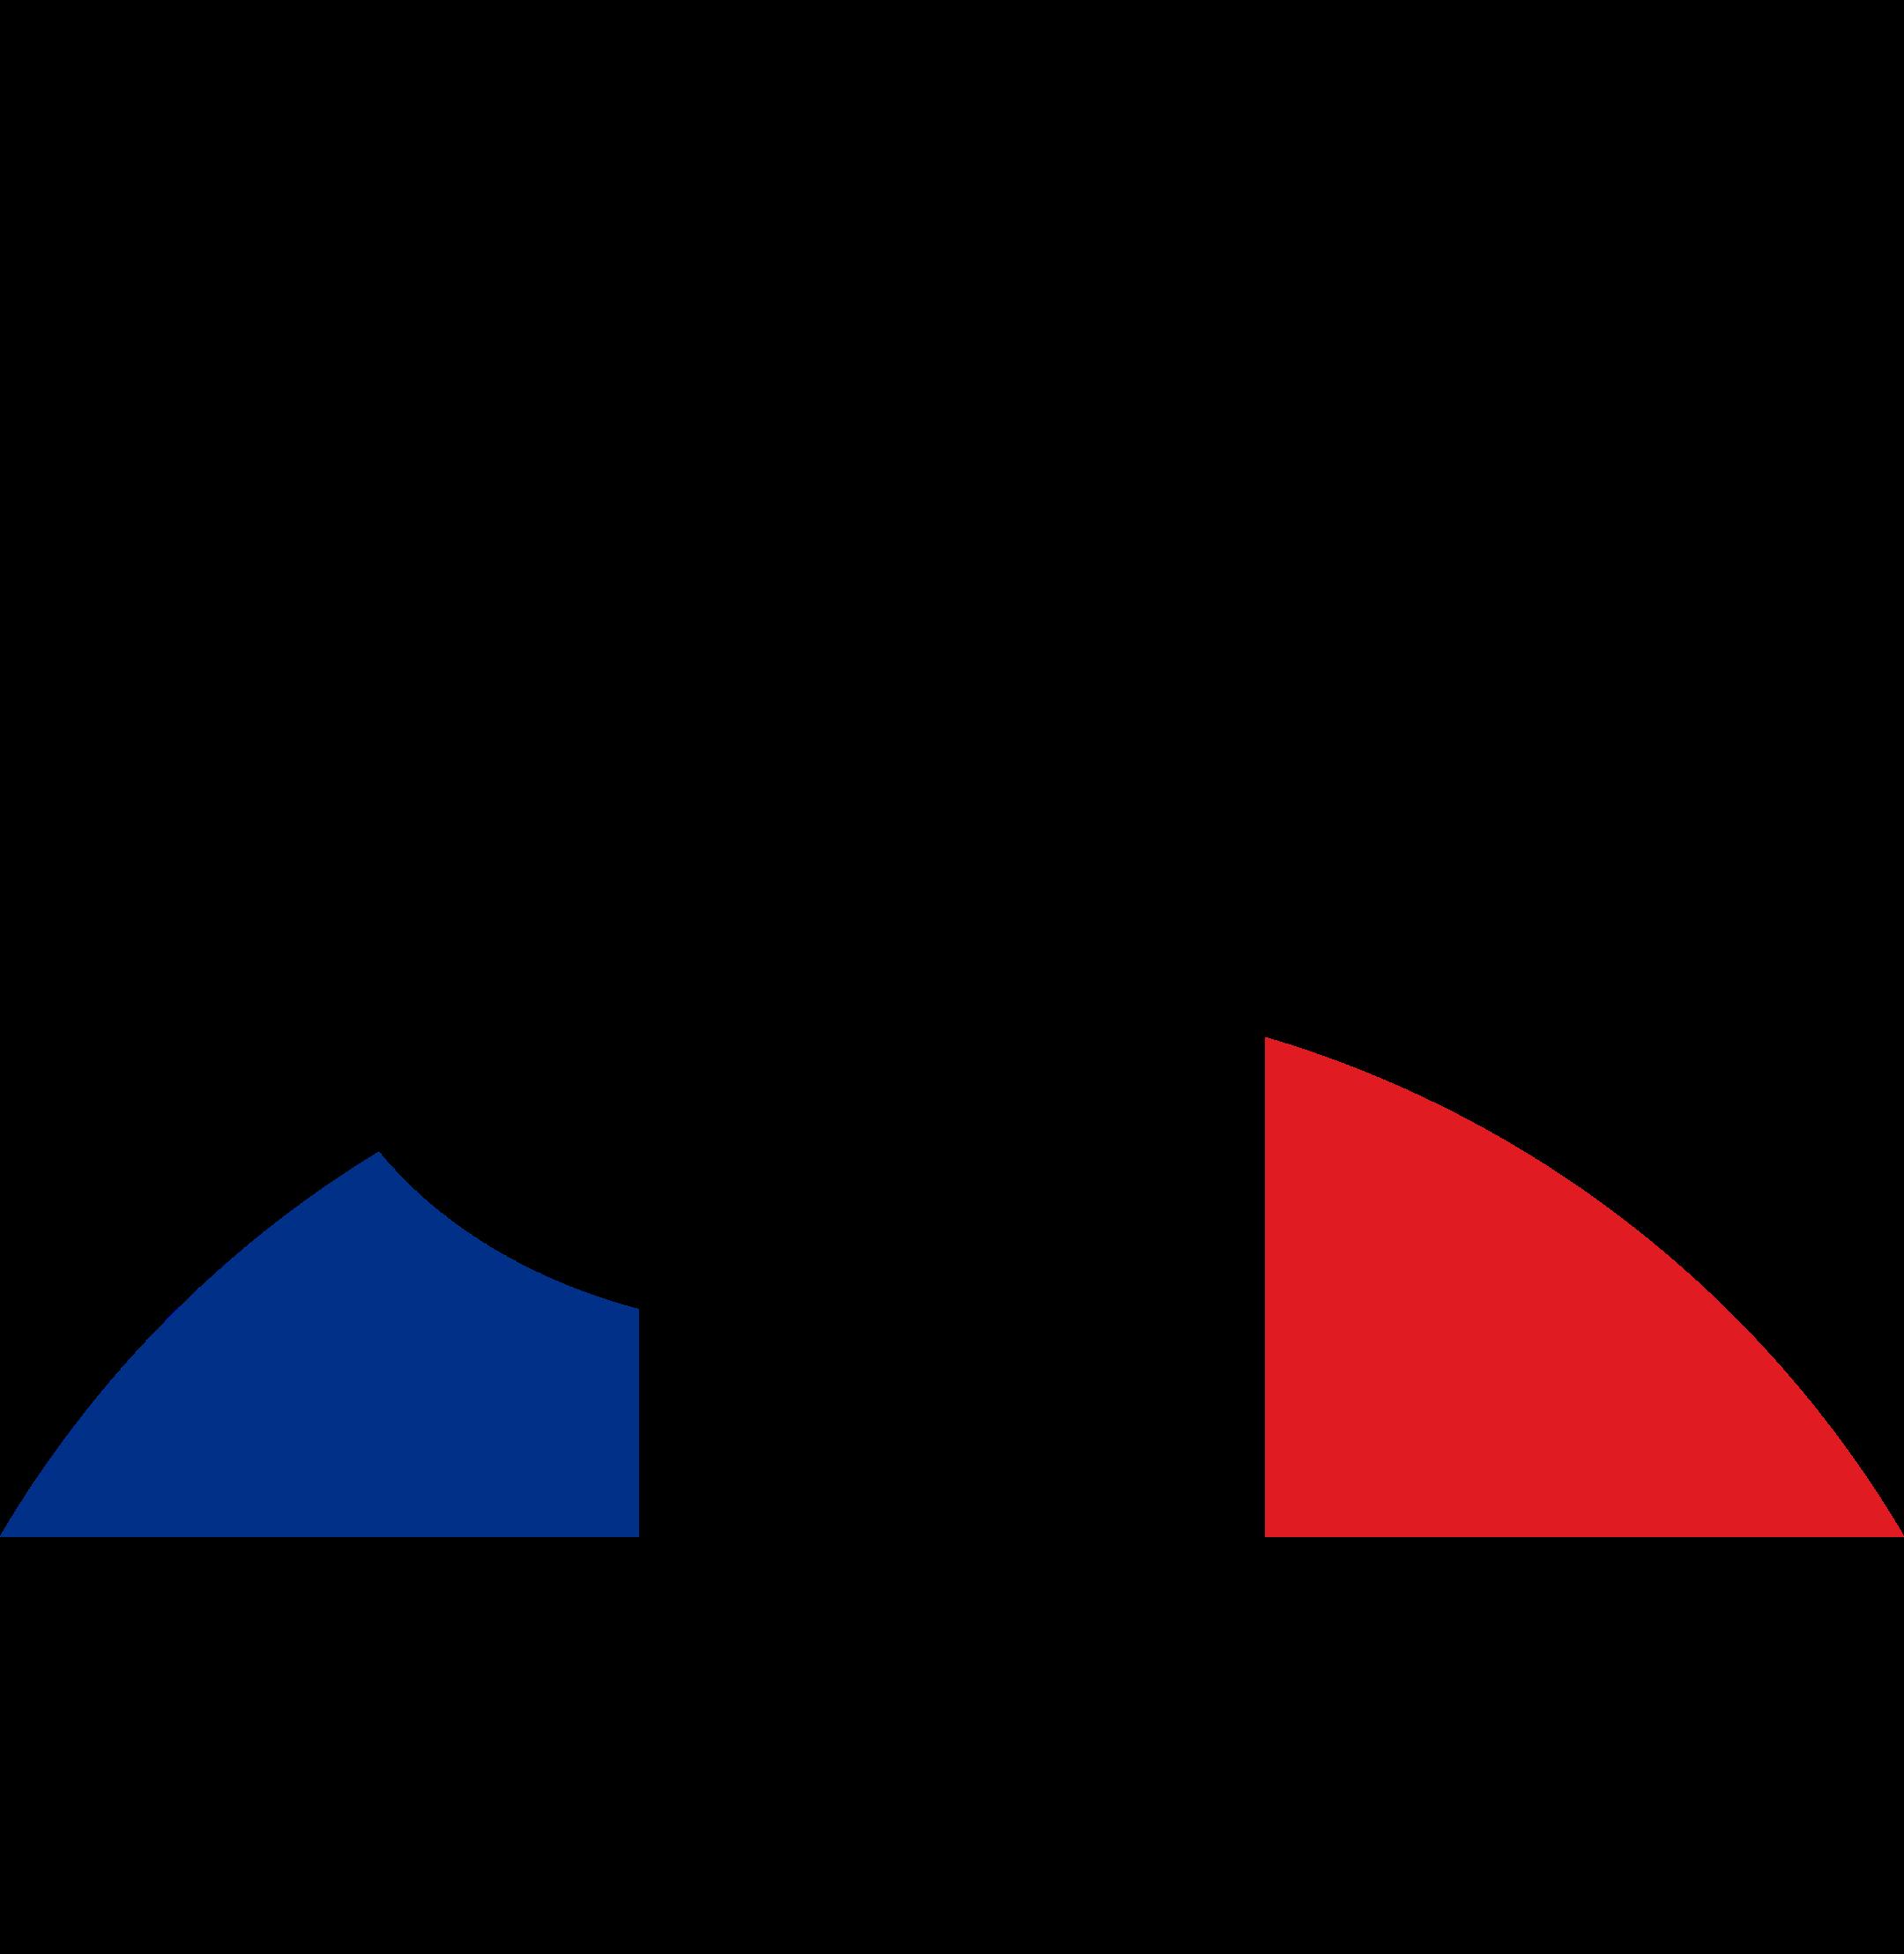 le coq sportif logo 1 - Le Coq Sportif Logo